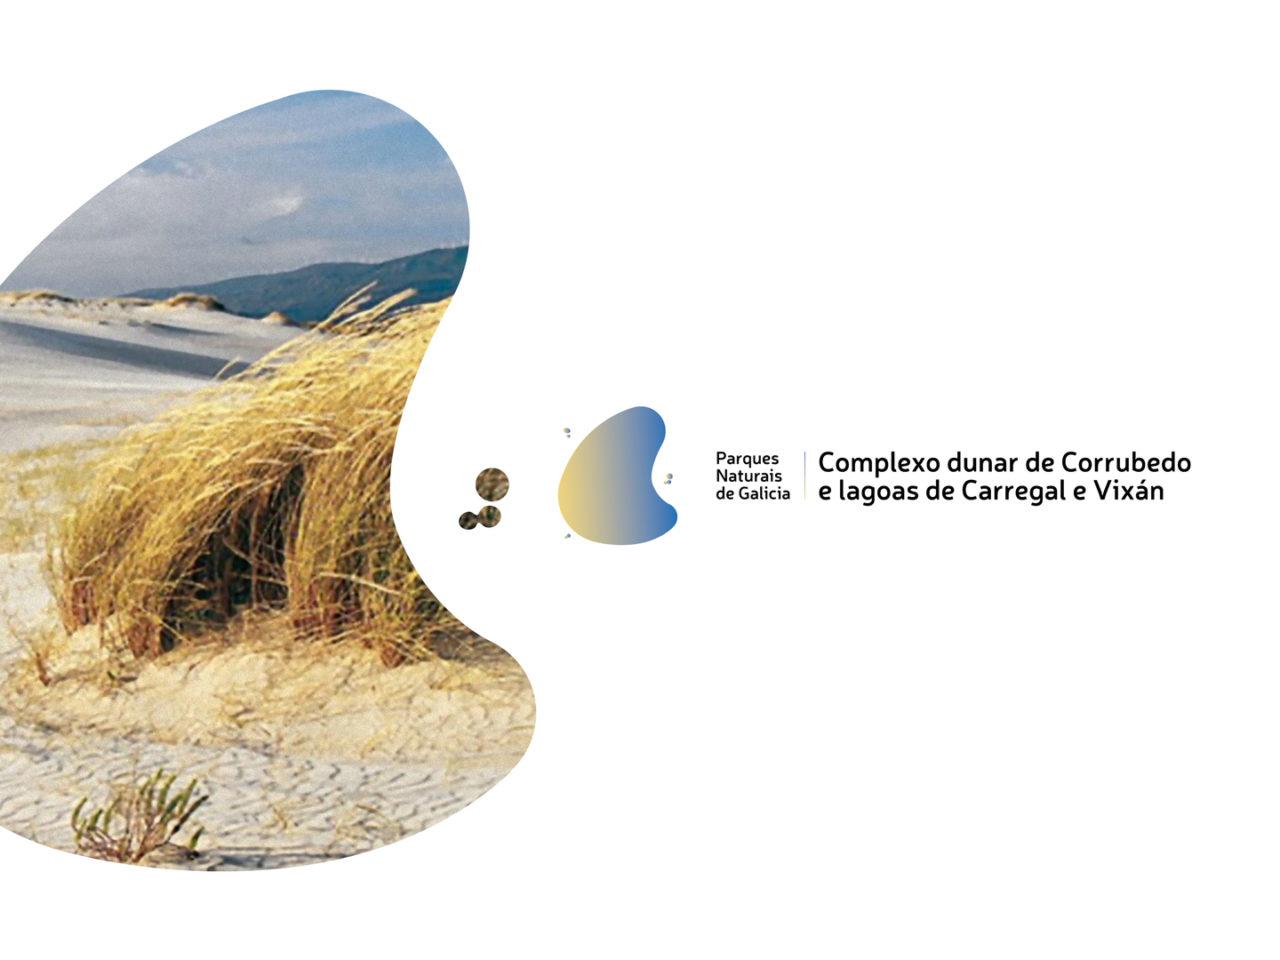 Identidade corporativa de Parques Naturais de Galicia 4